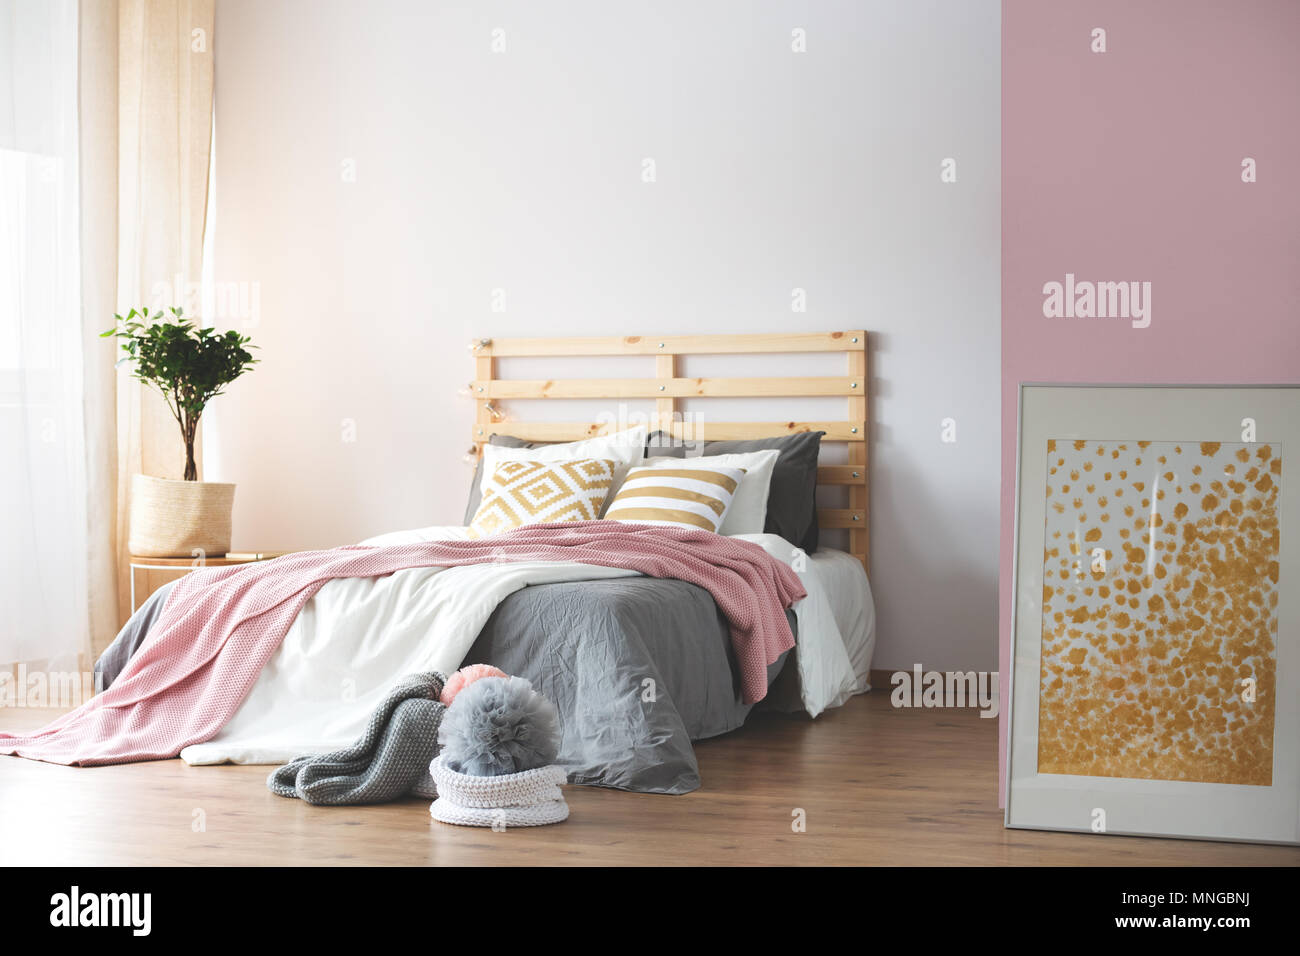 Gemütliches Schlafzimmer mit Rosa und Weiß Grau Zubehör ...